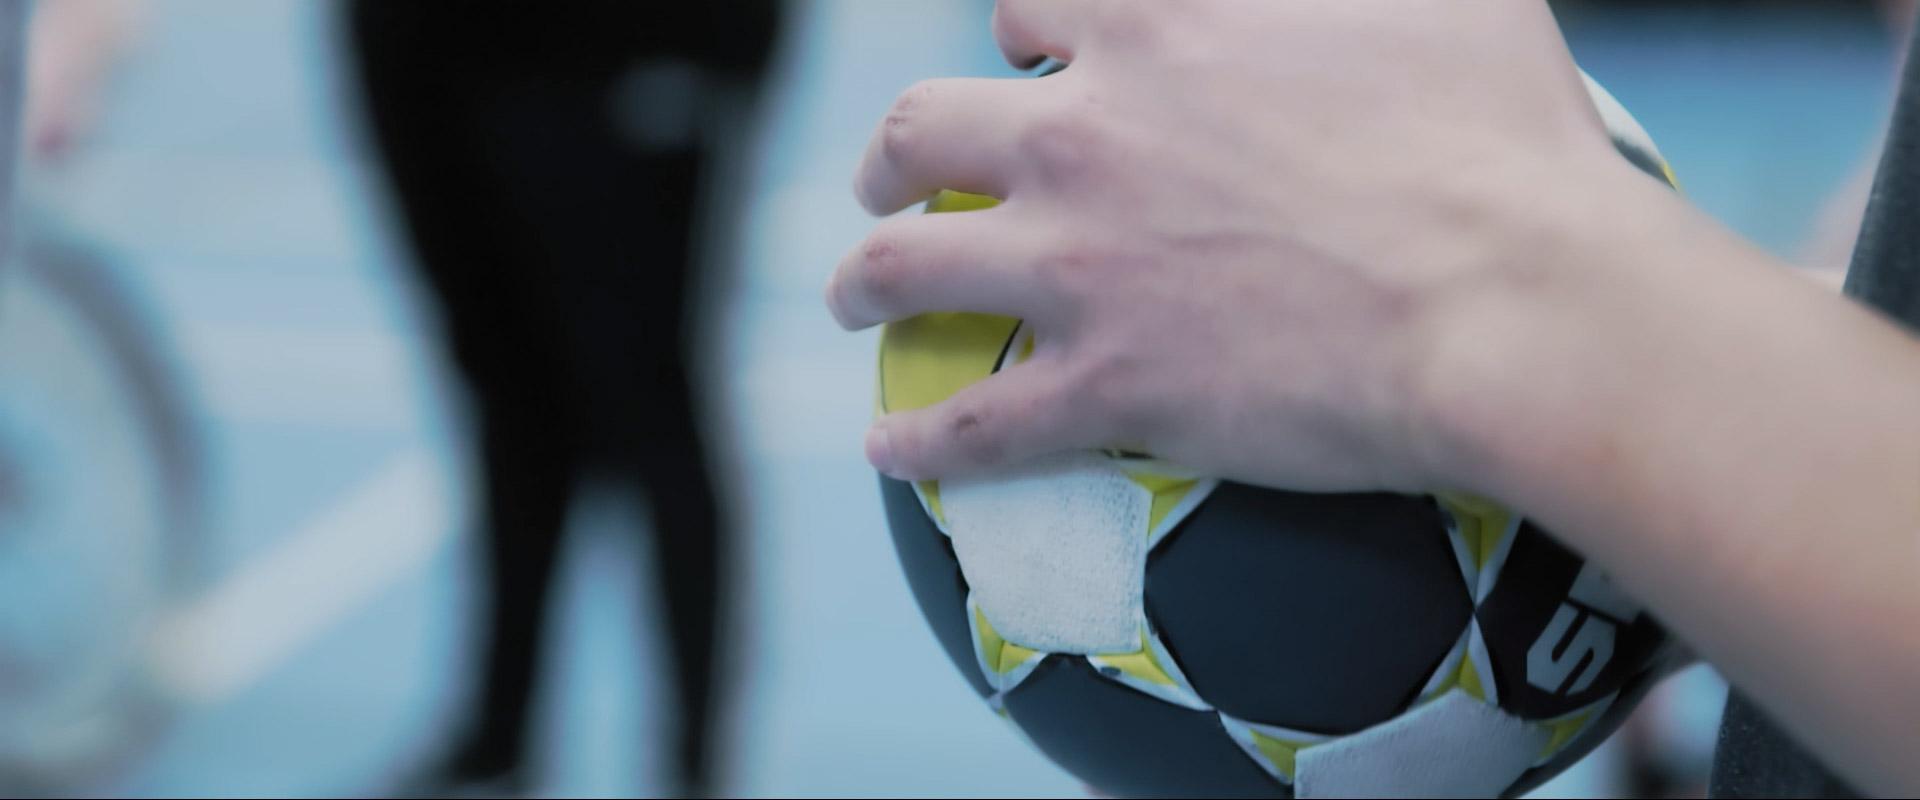 Allmän kurs - Profil idrott/ hälsa